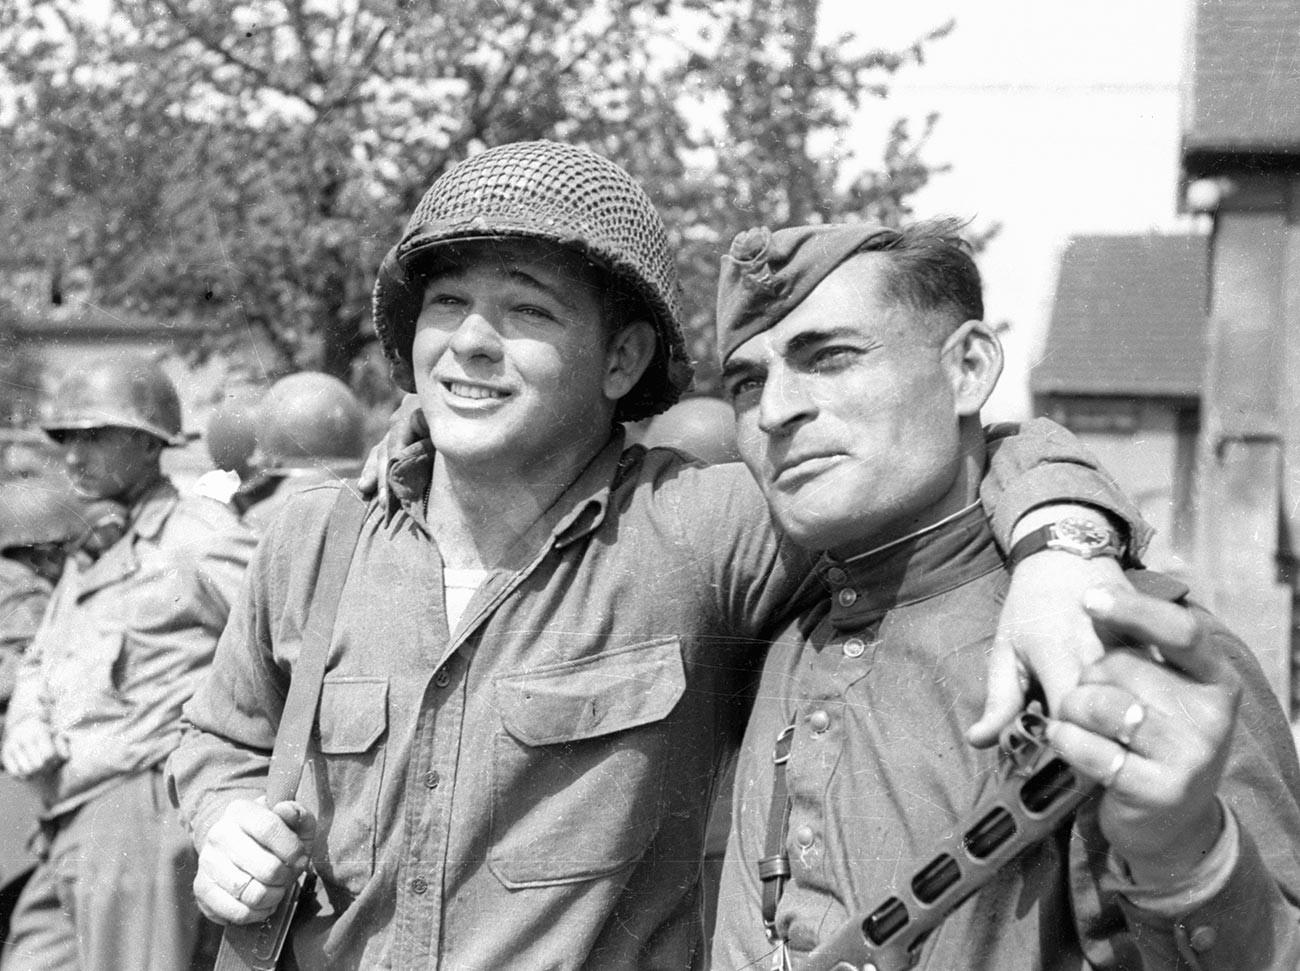 米軍兵のバイロン・シヴァーと赤軍兵のイワン・ヌムラゼ。ドイツのトルガウ近郊、エルベ河畔での米軍とソ連軍の会合にて。1945年4月25日。